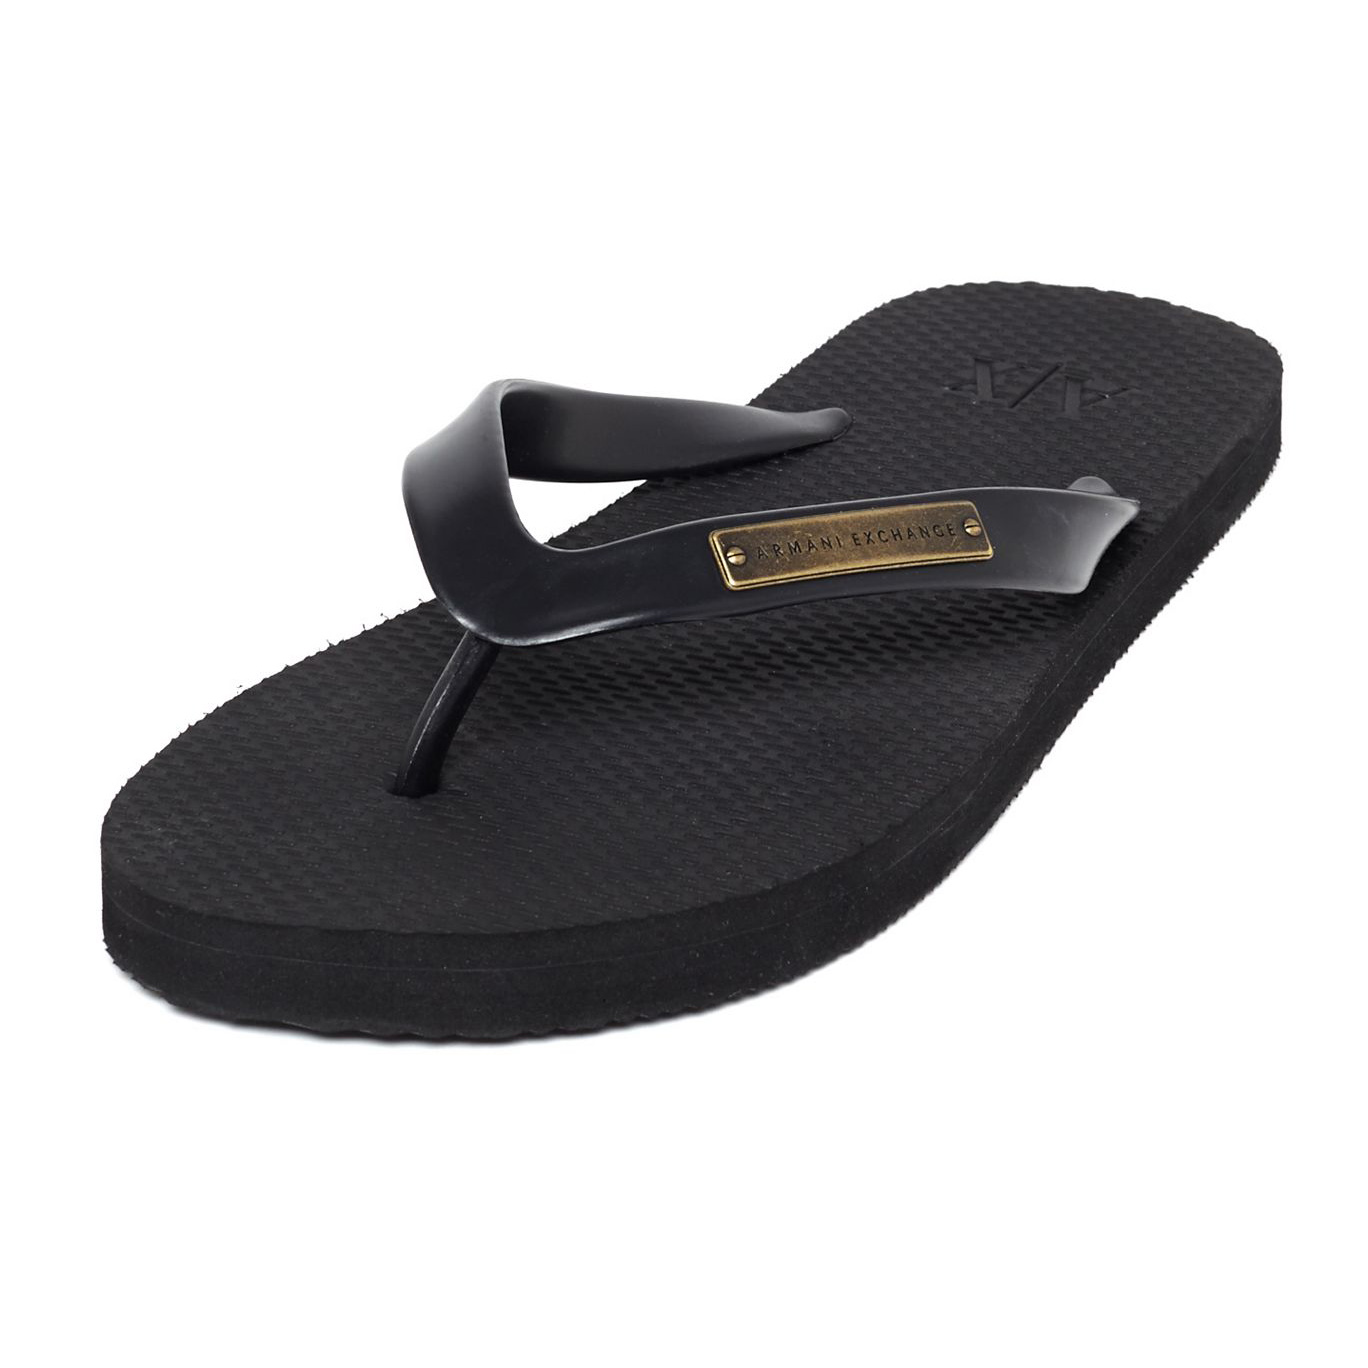 美國百分百【Armani Exchange】拖鞋 AX 夾腳拖 人字拖 涼鞋 沙灘鞋 海灘鞋 便鞋 US11號 F335